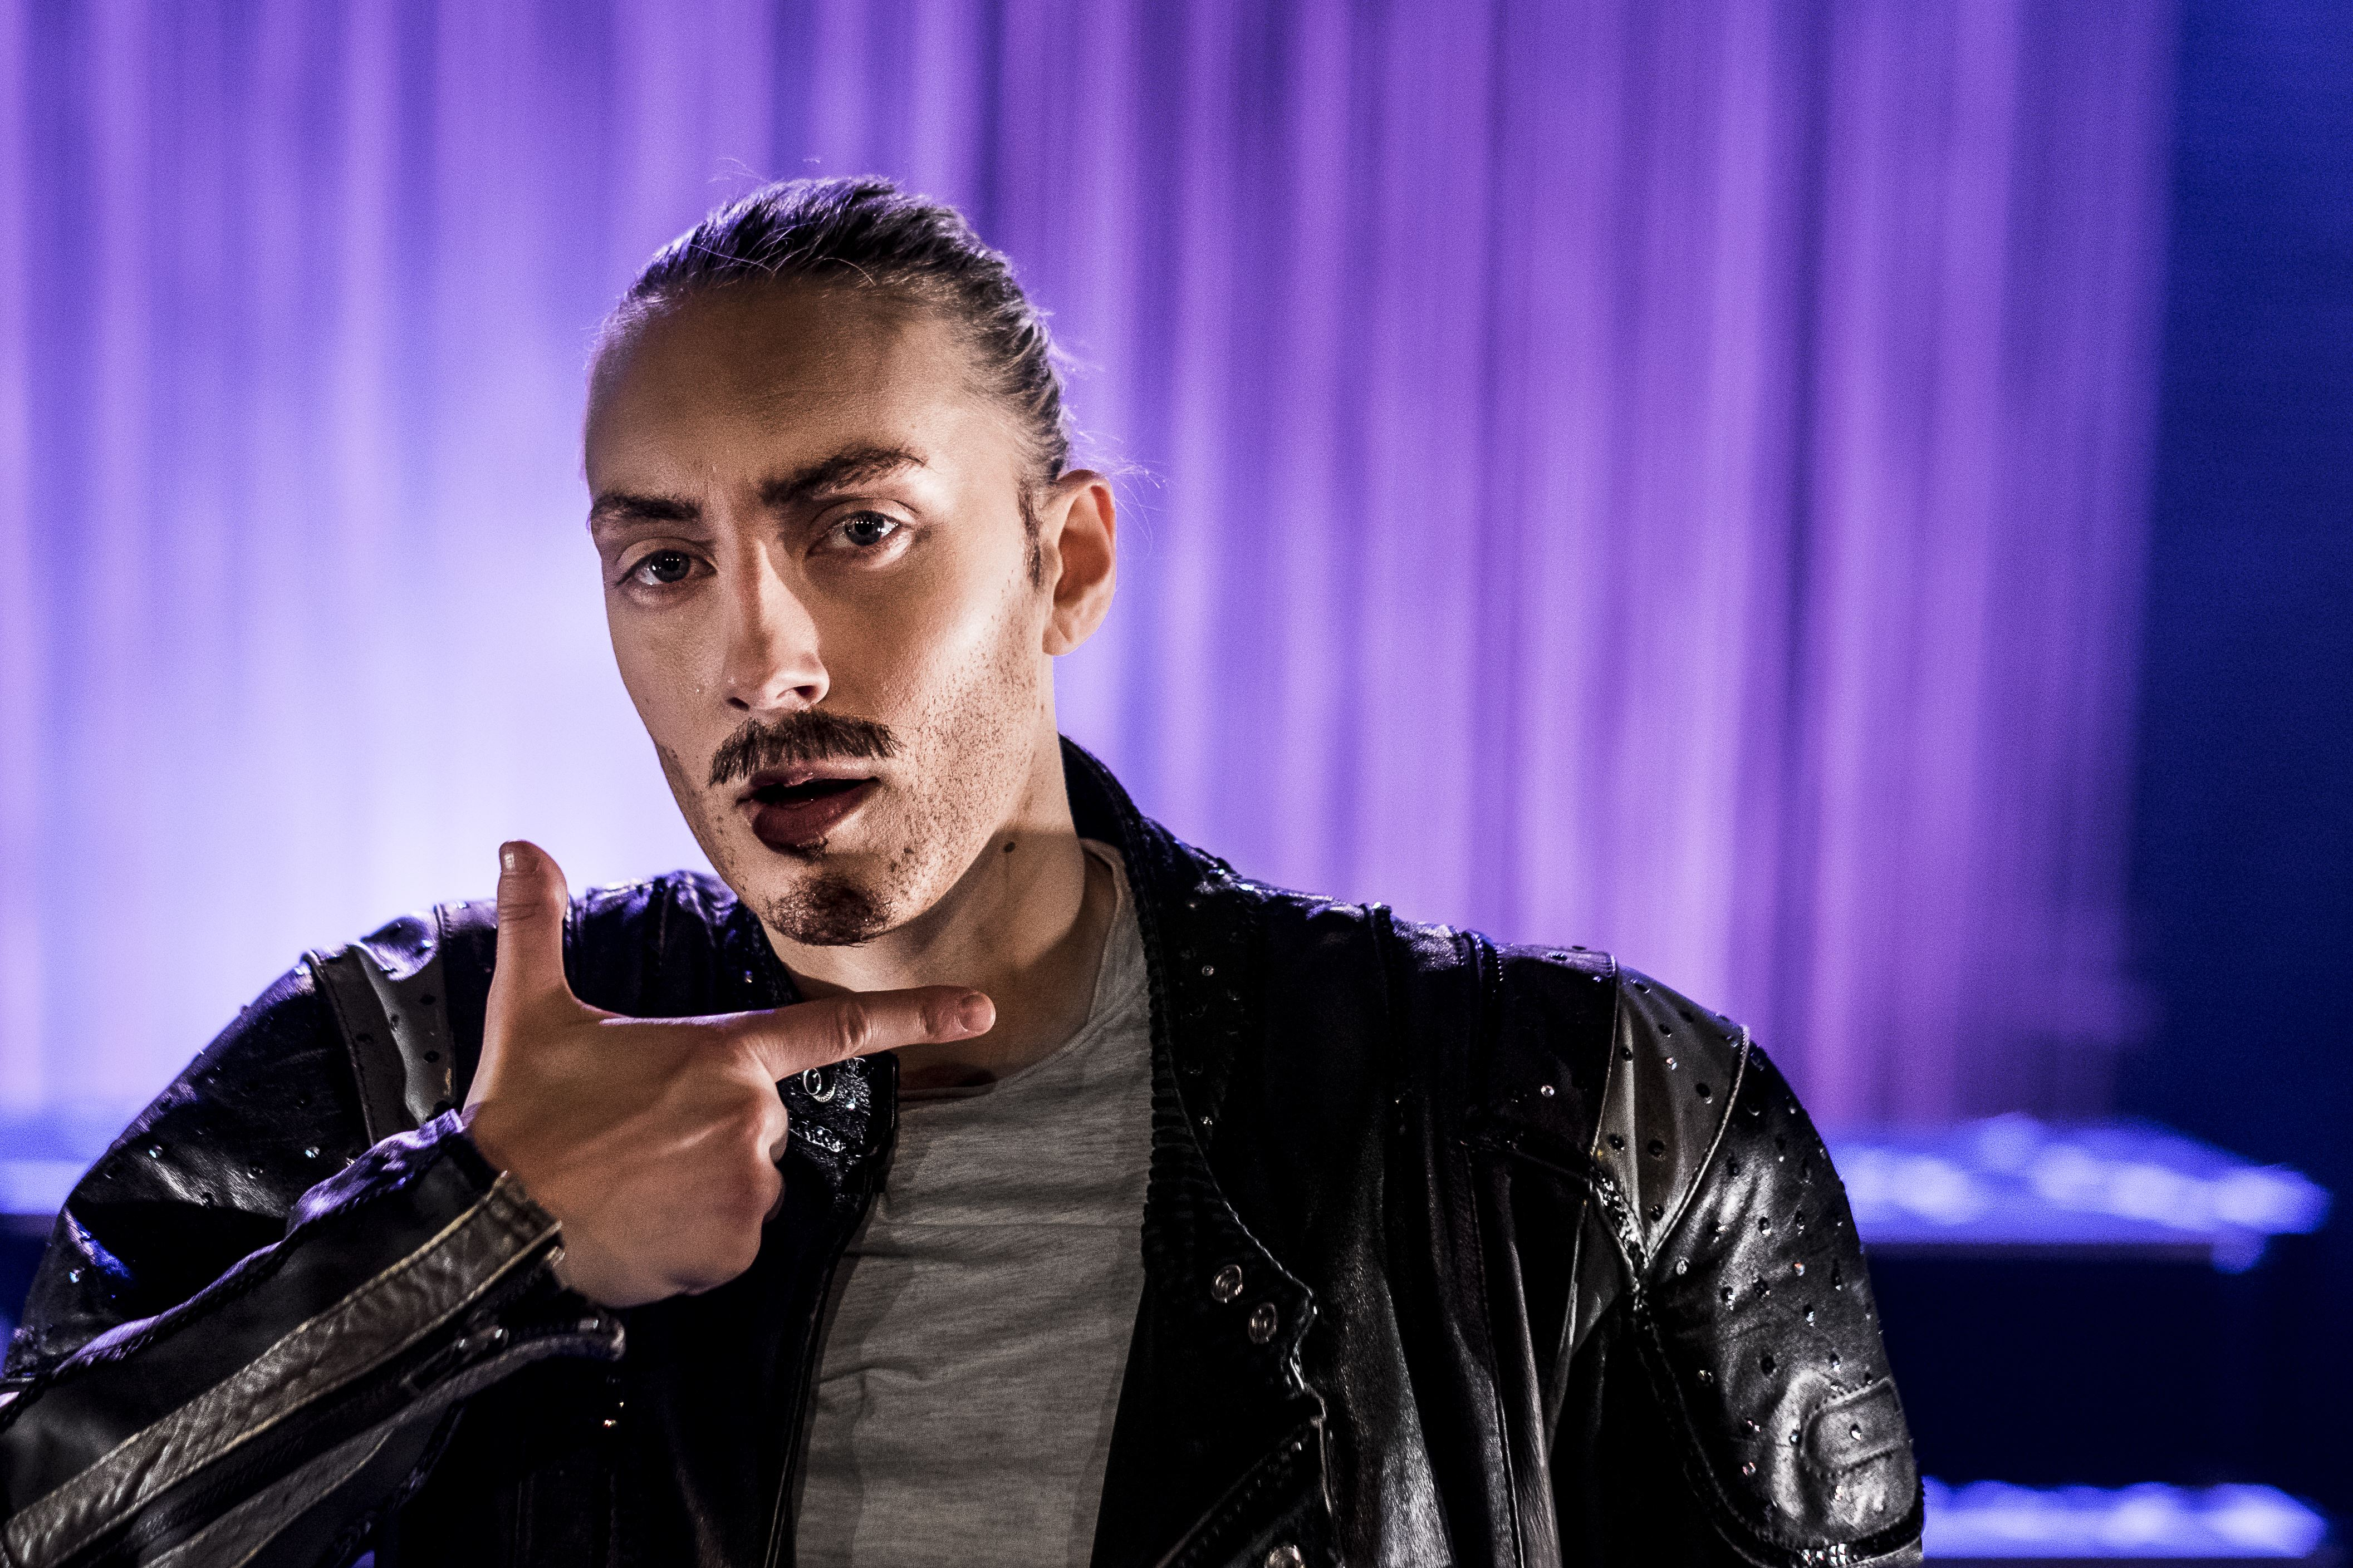 Andreas Nilsson, Gnosjö höstfestival: Dansworkshop: Sofia Södergård